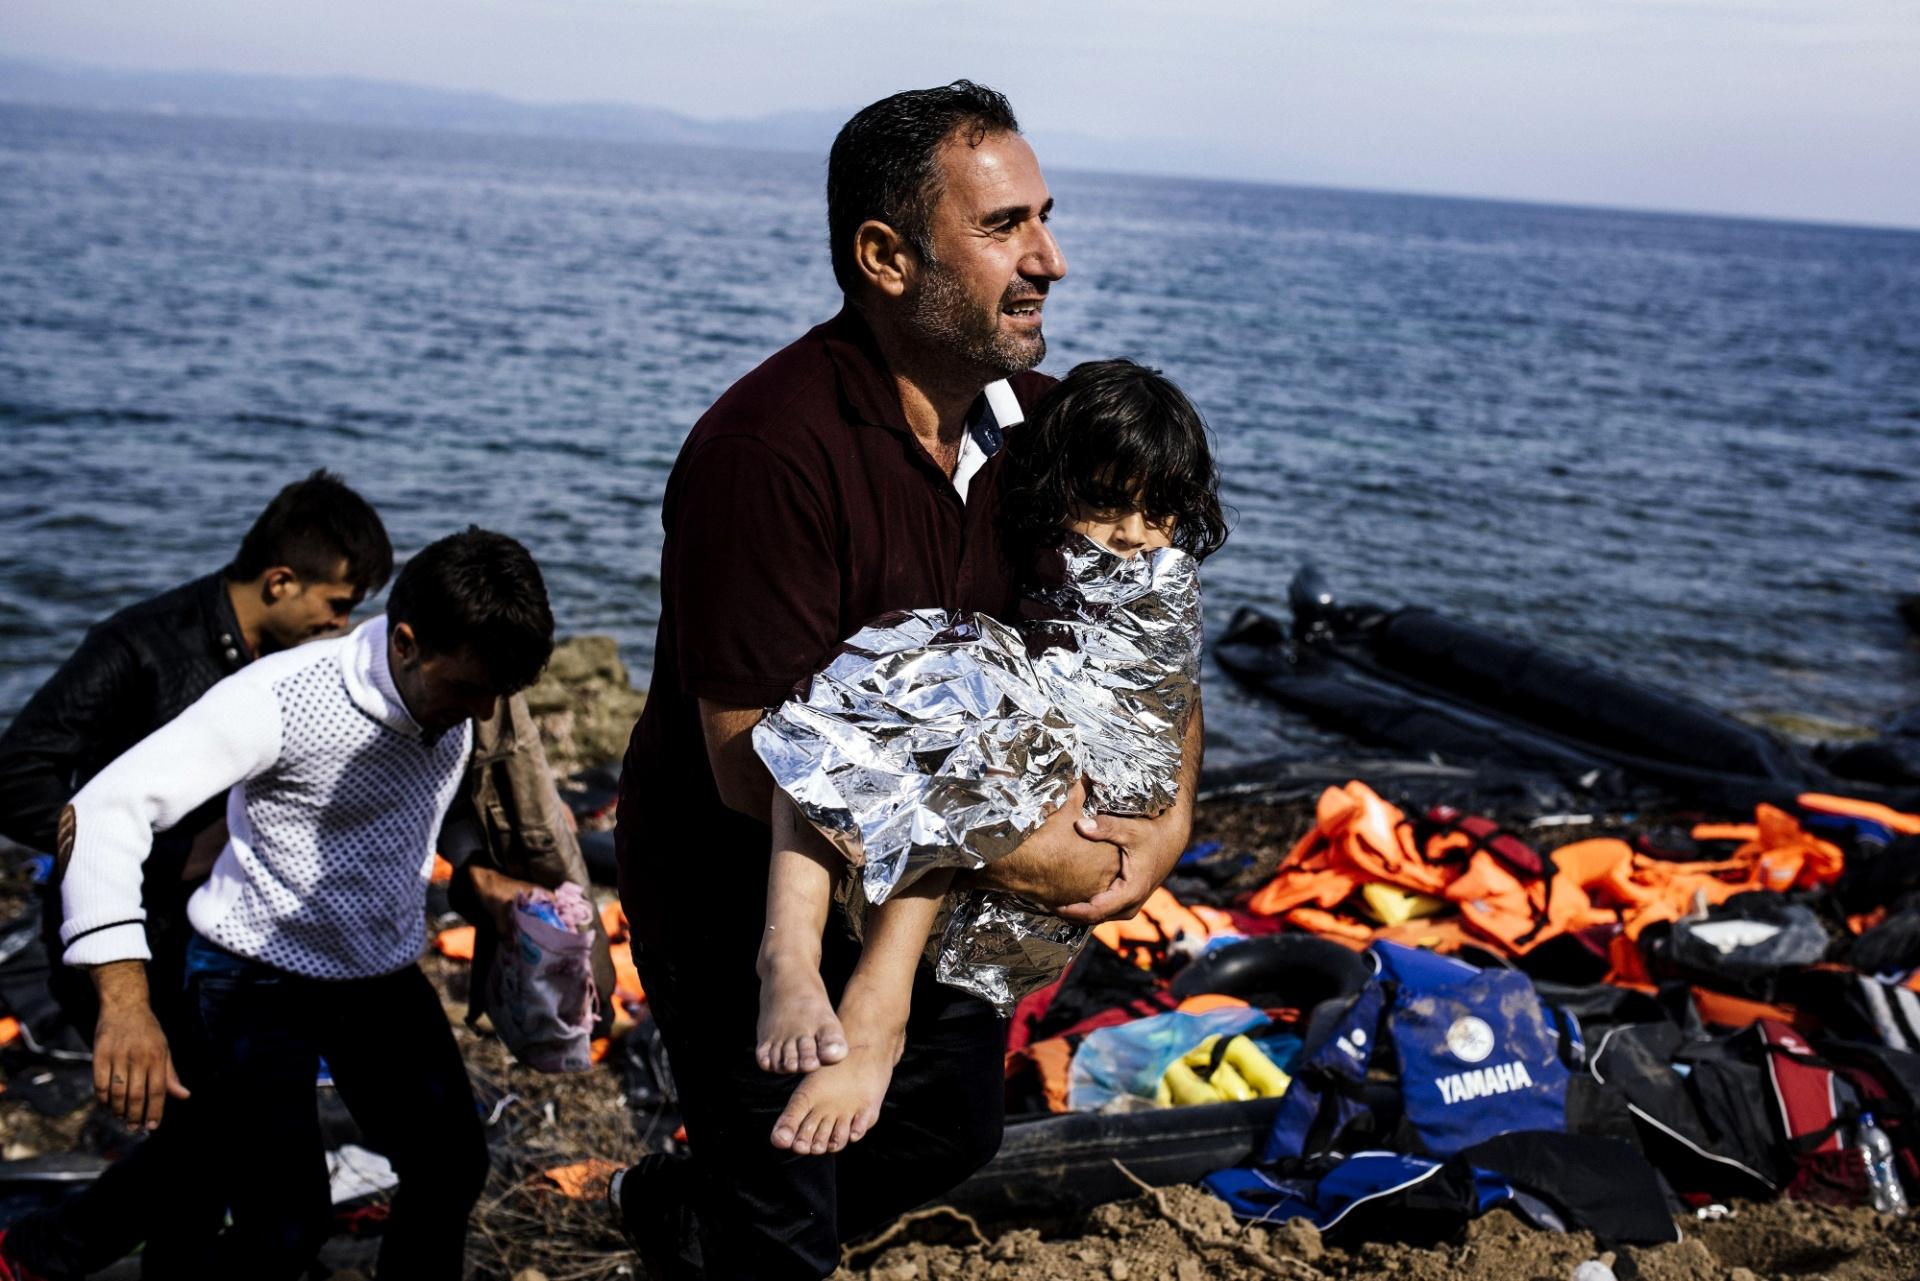 18.out.2015 - Homem carrega criança em cobertor téermico após desembarcar com outros refugiados na ilha de Lesbos, na Grécia. Três crianças e duas mulheres morreram em dois novos naufrágios ocorridos no litoral das ilhas gregas no mar Egeu, quando tentavam entrar na Grécia procedentes da Turquia